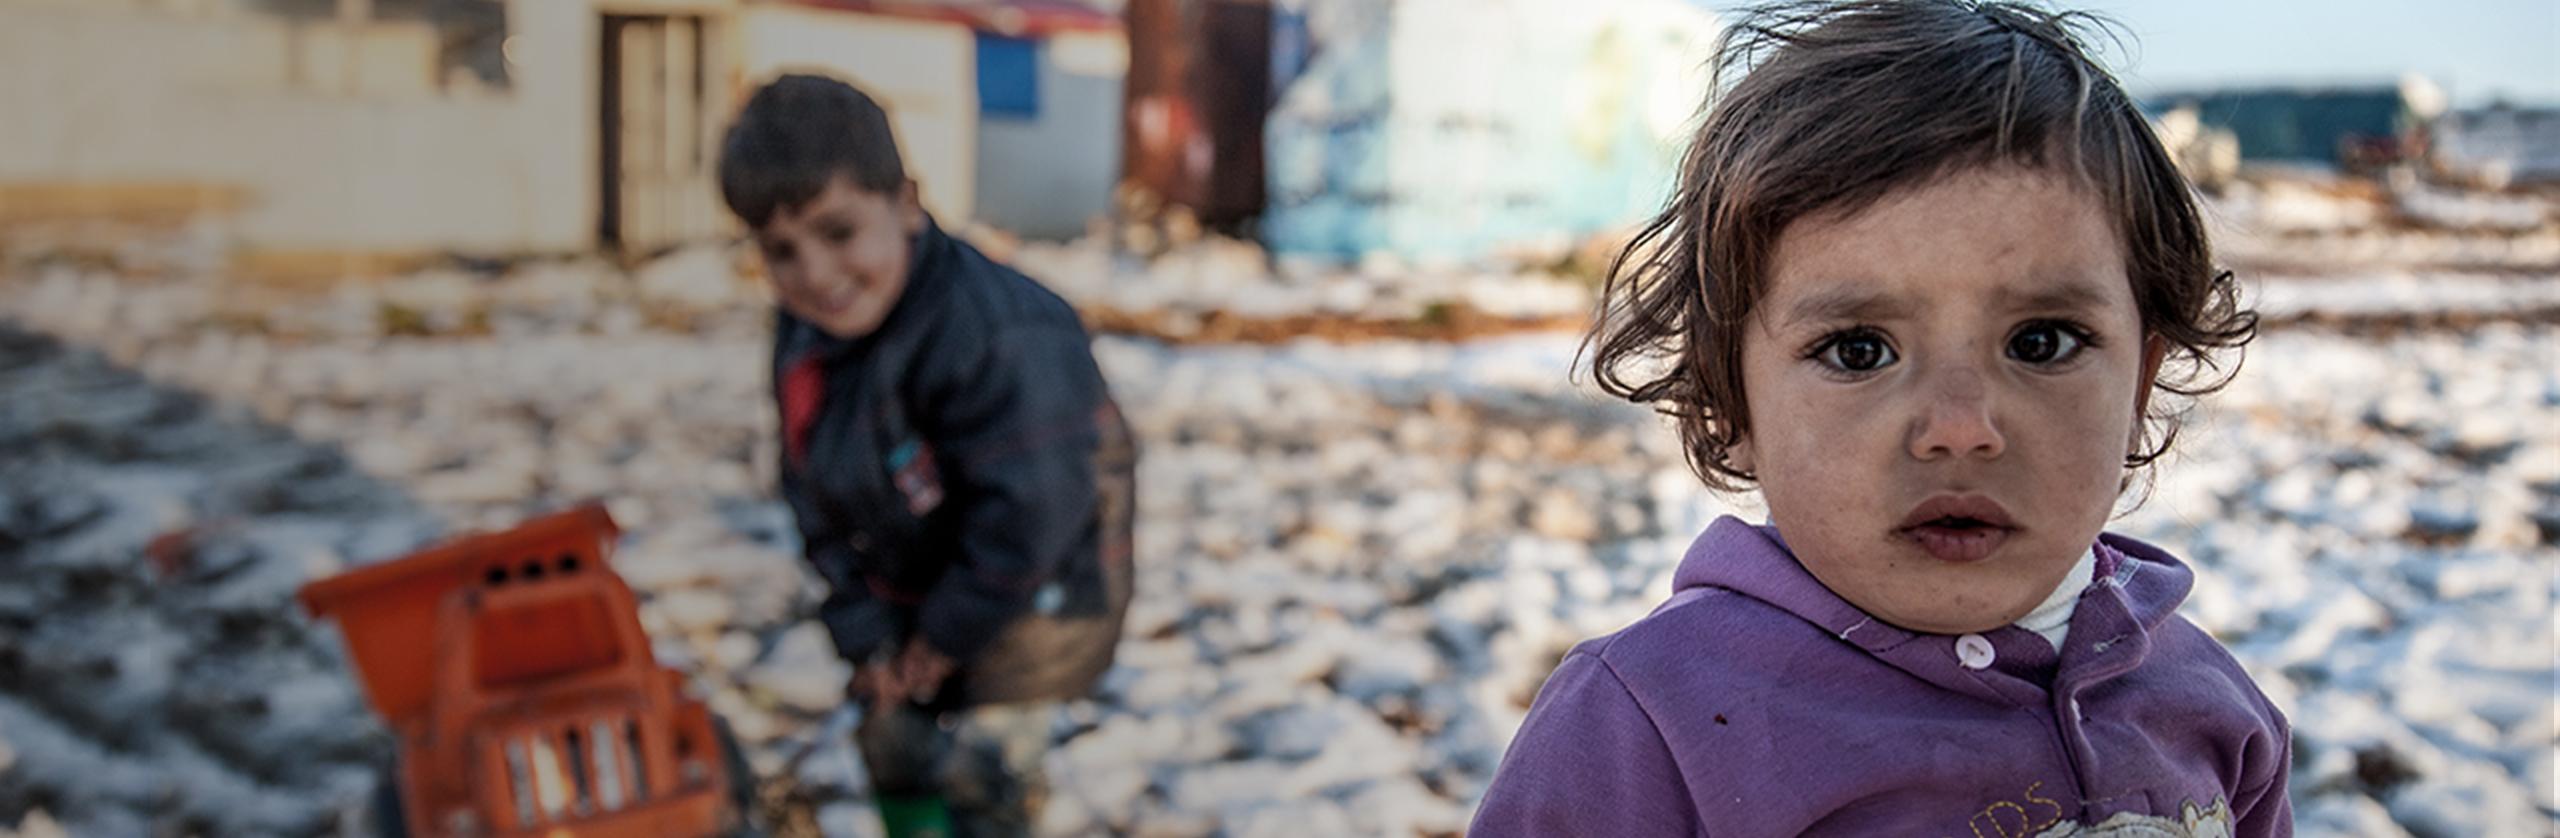 syrien winterhilfe helfen sie kindern in syrien den. Black Bedroom Furniture Sets. Home Design Ideas